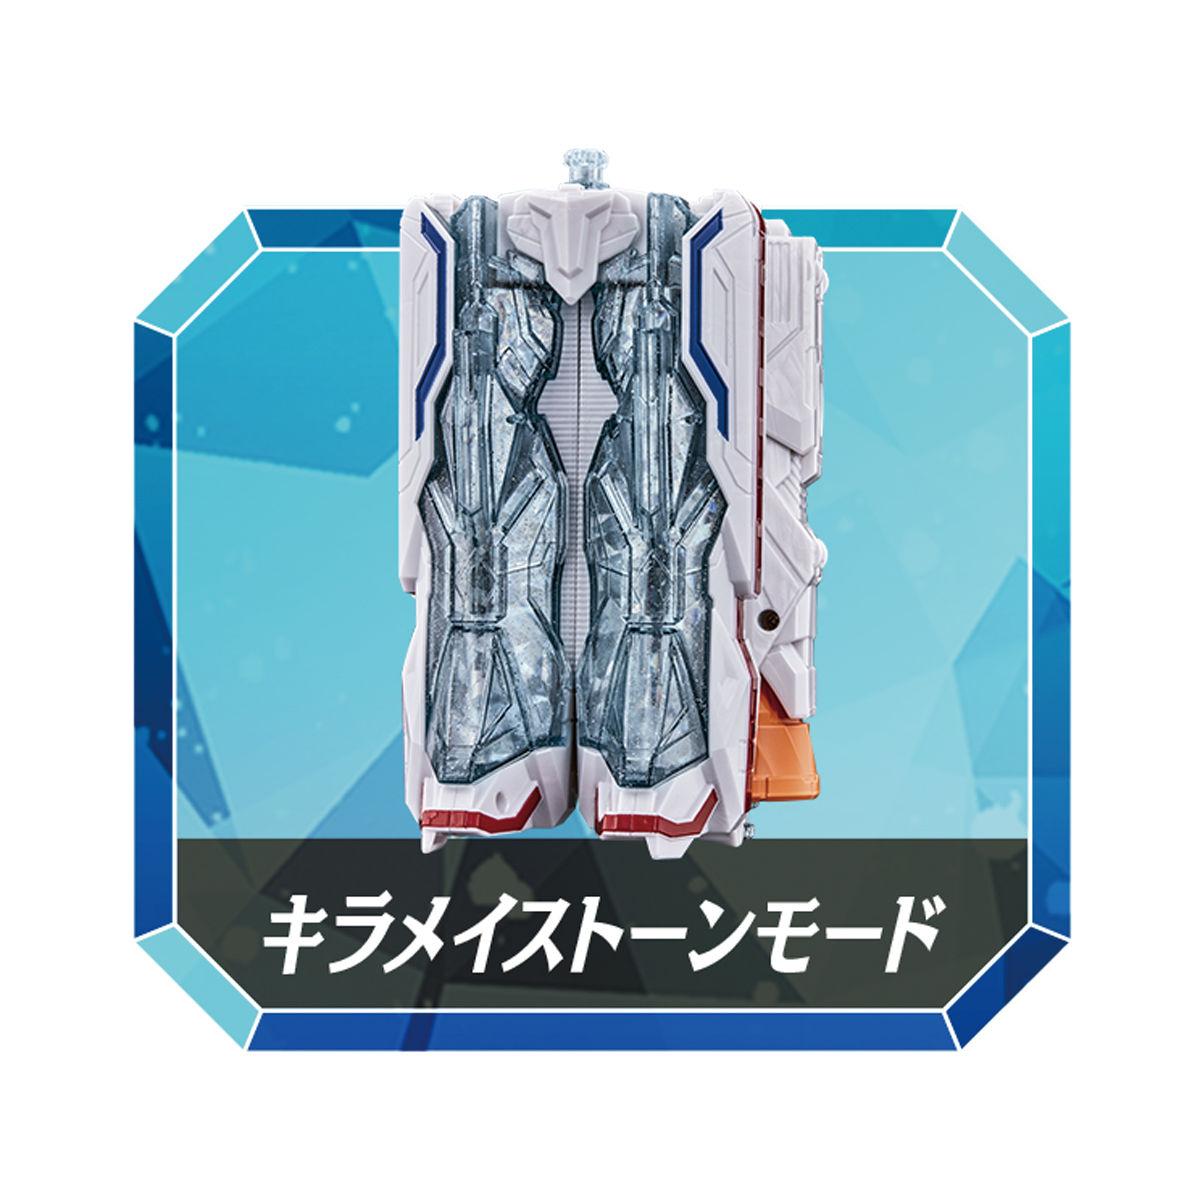 キラメイジャー『DX魔進ザビューン』可変可動フィギュア-004